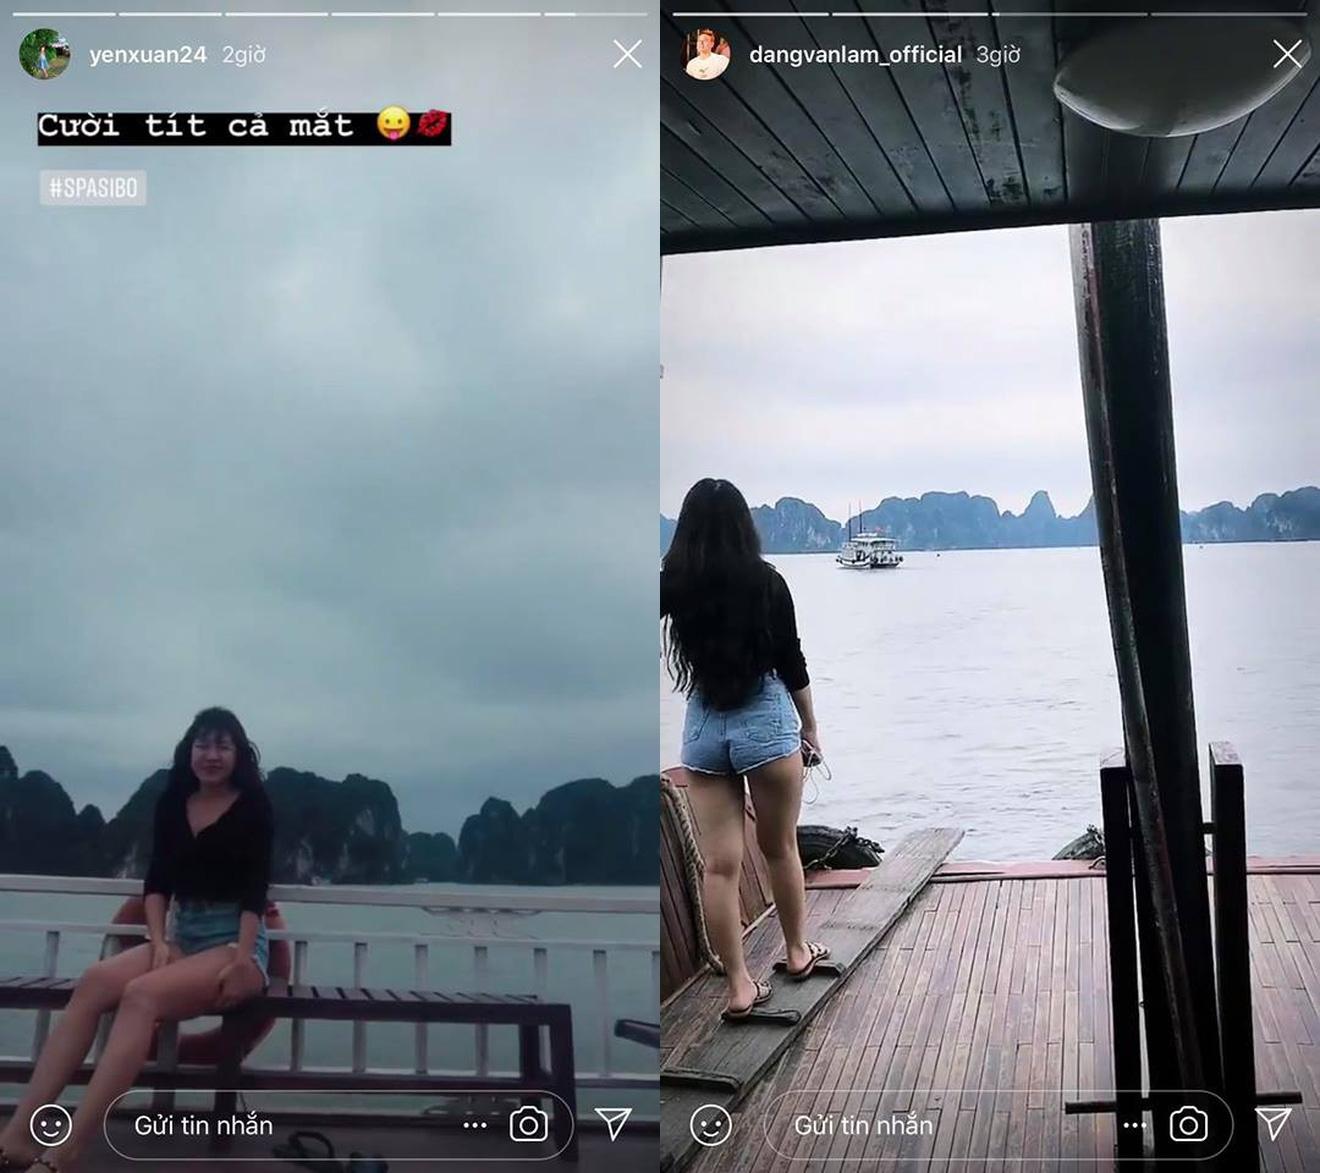 Lộ bằng chứng Lâm Tây đi nghỉ dưỡng cùng bạn gái tin đồn, cả hai còn nấu ăn cực tình cảm khiến fan nữ 'tê tái' cõi lòng - Ảnh 8